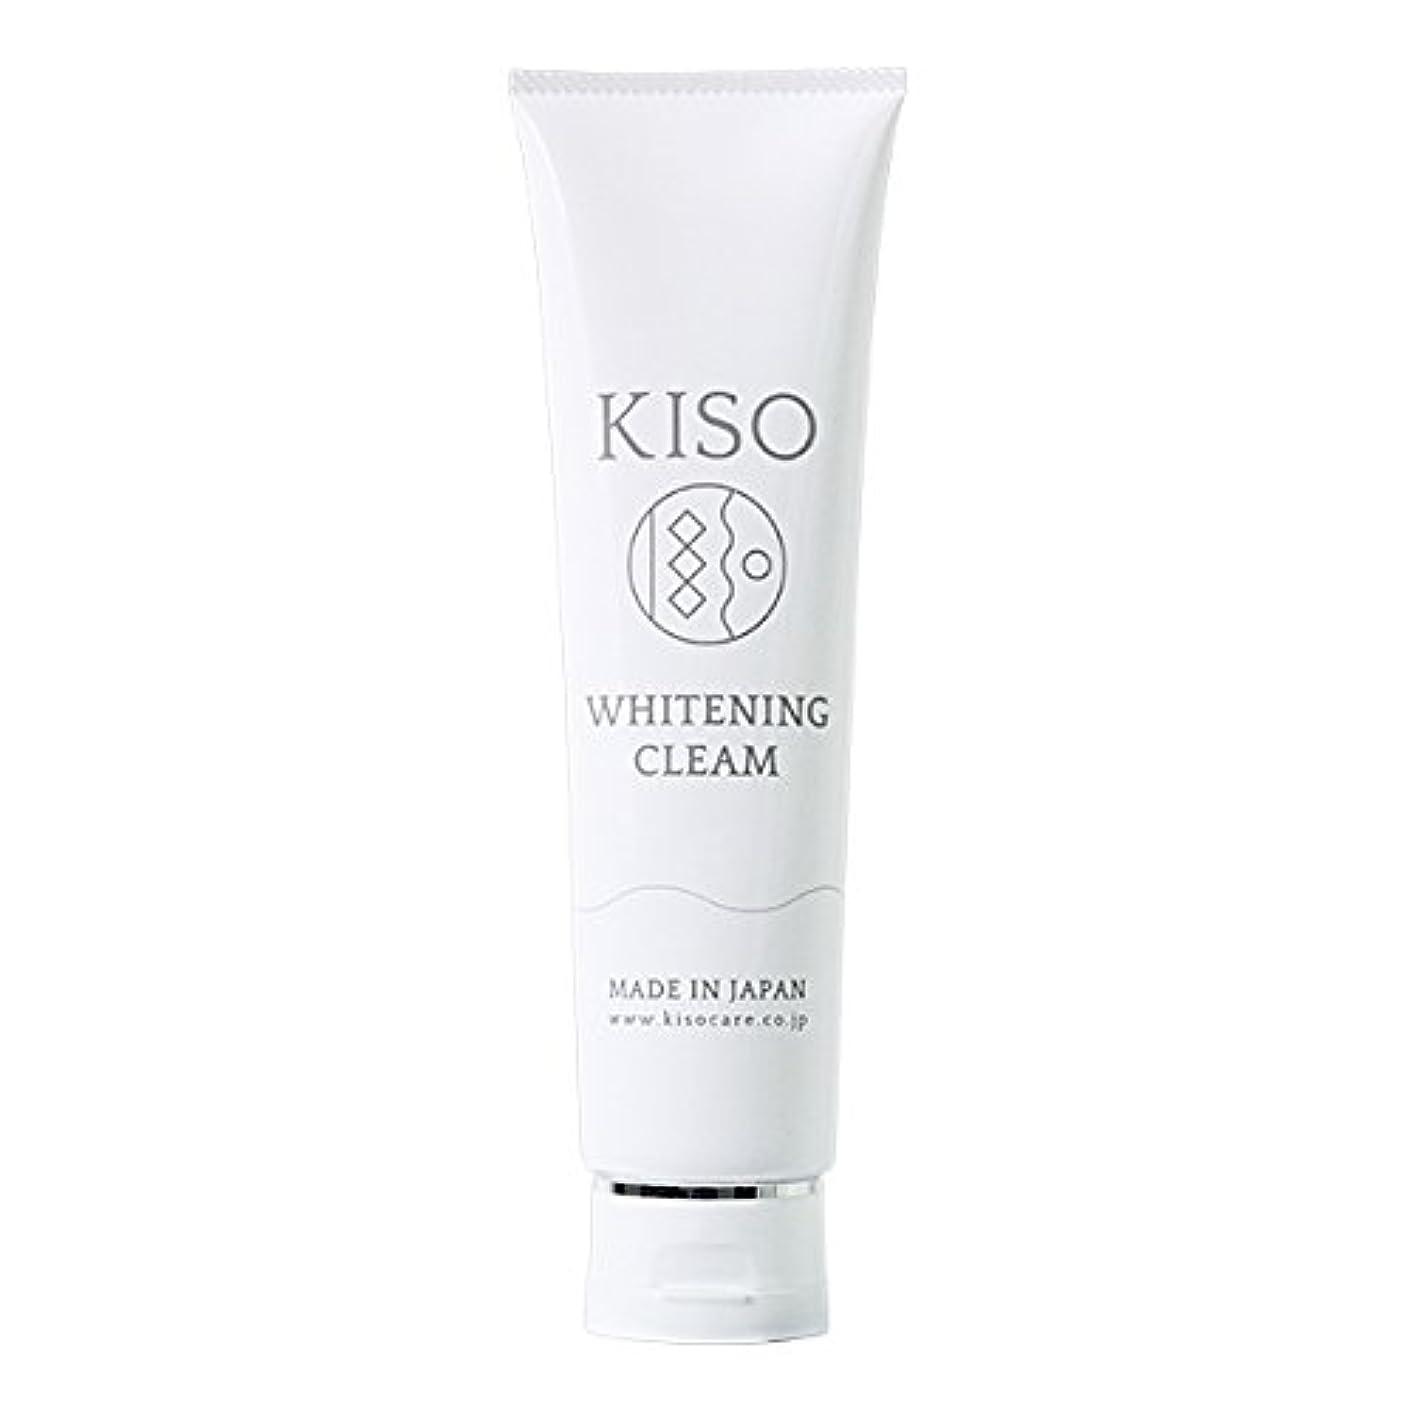 亜熱帯ペルセウス休憩する【KISO 薬用 ホワイトニング クリーム 150g】 【医薬部外品】トラネキサム酸2%配合クリーム。